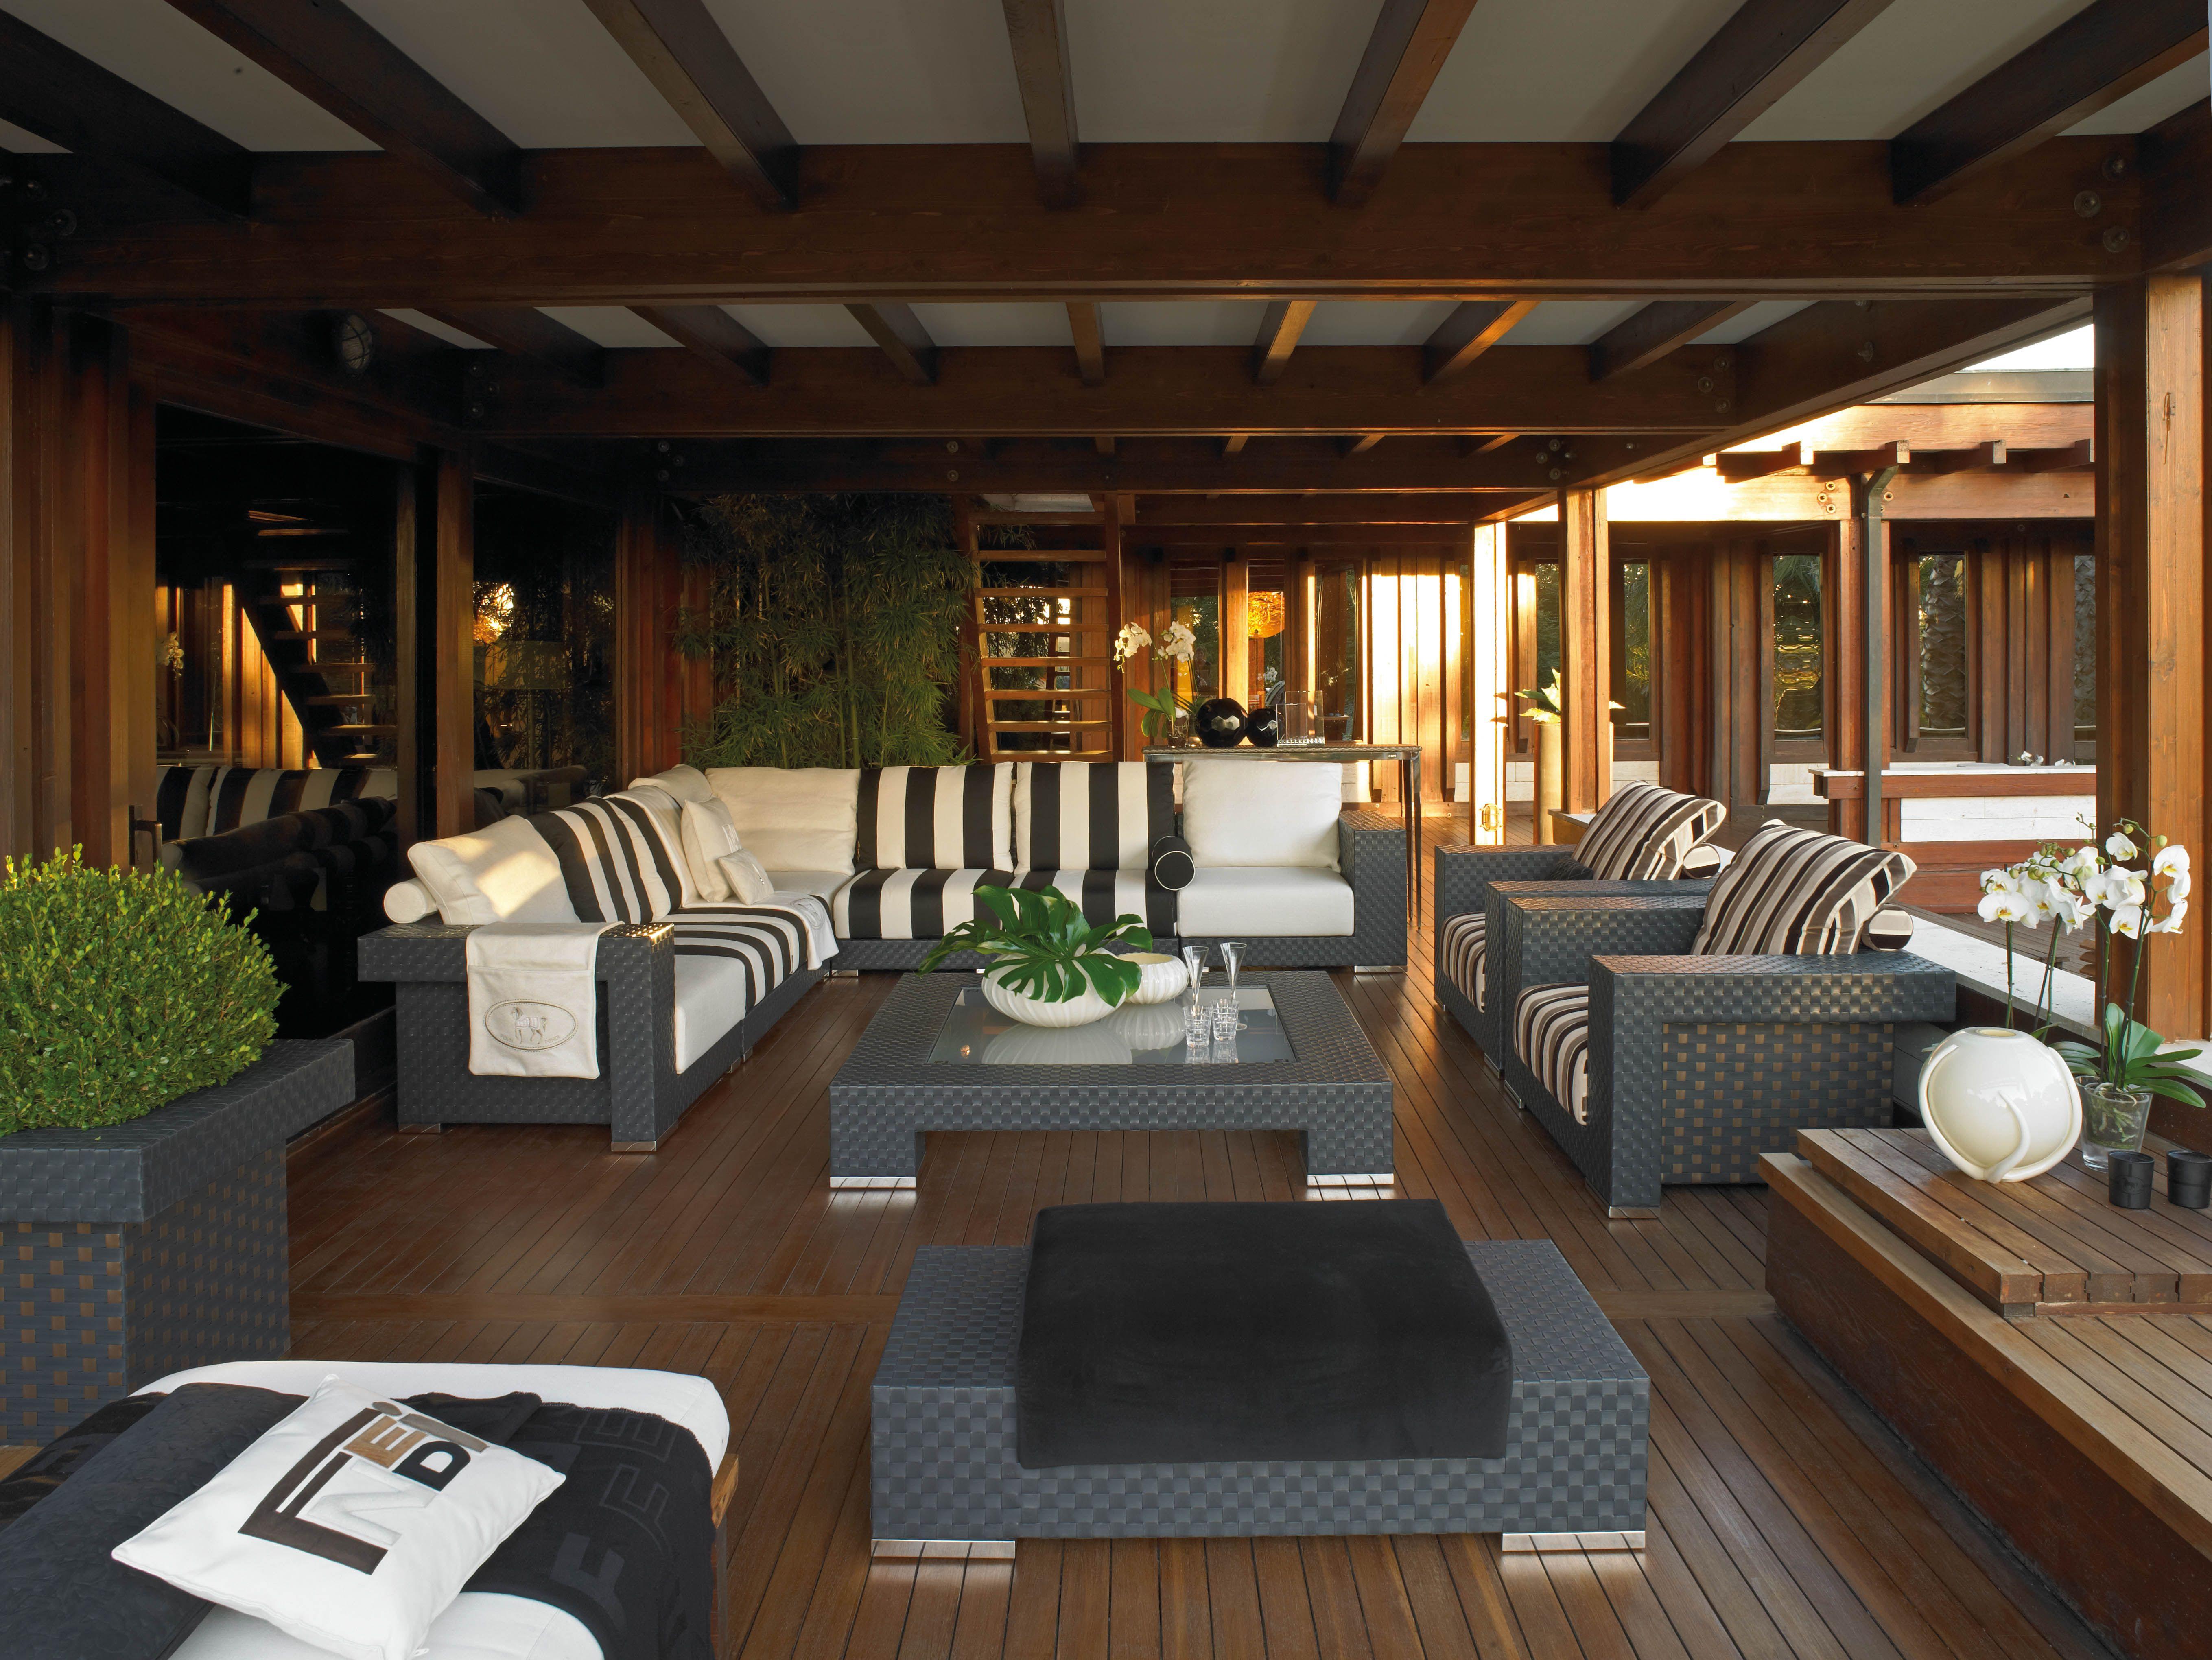 Muebles Gunni&Trentino - Colecci N Newport De Muebles De Exterior De Fendi Casa En Gunni [mjhdah]https://i.pinimg.com/originals/19/22/3e/19223e980199d37833c3822a2d03dbf8.jpg